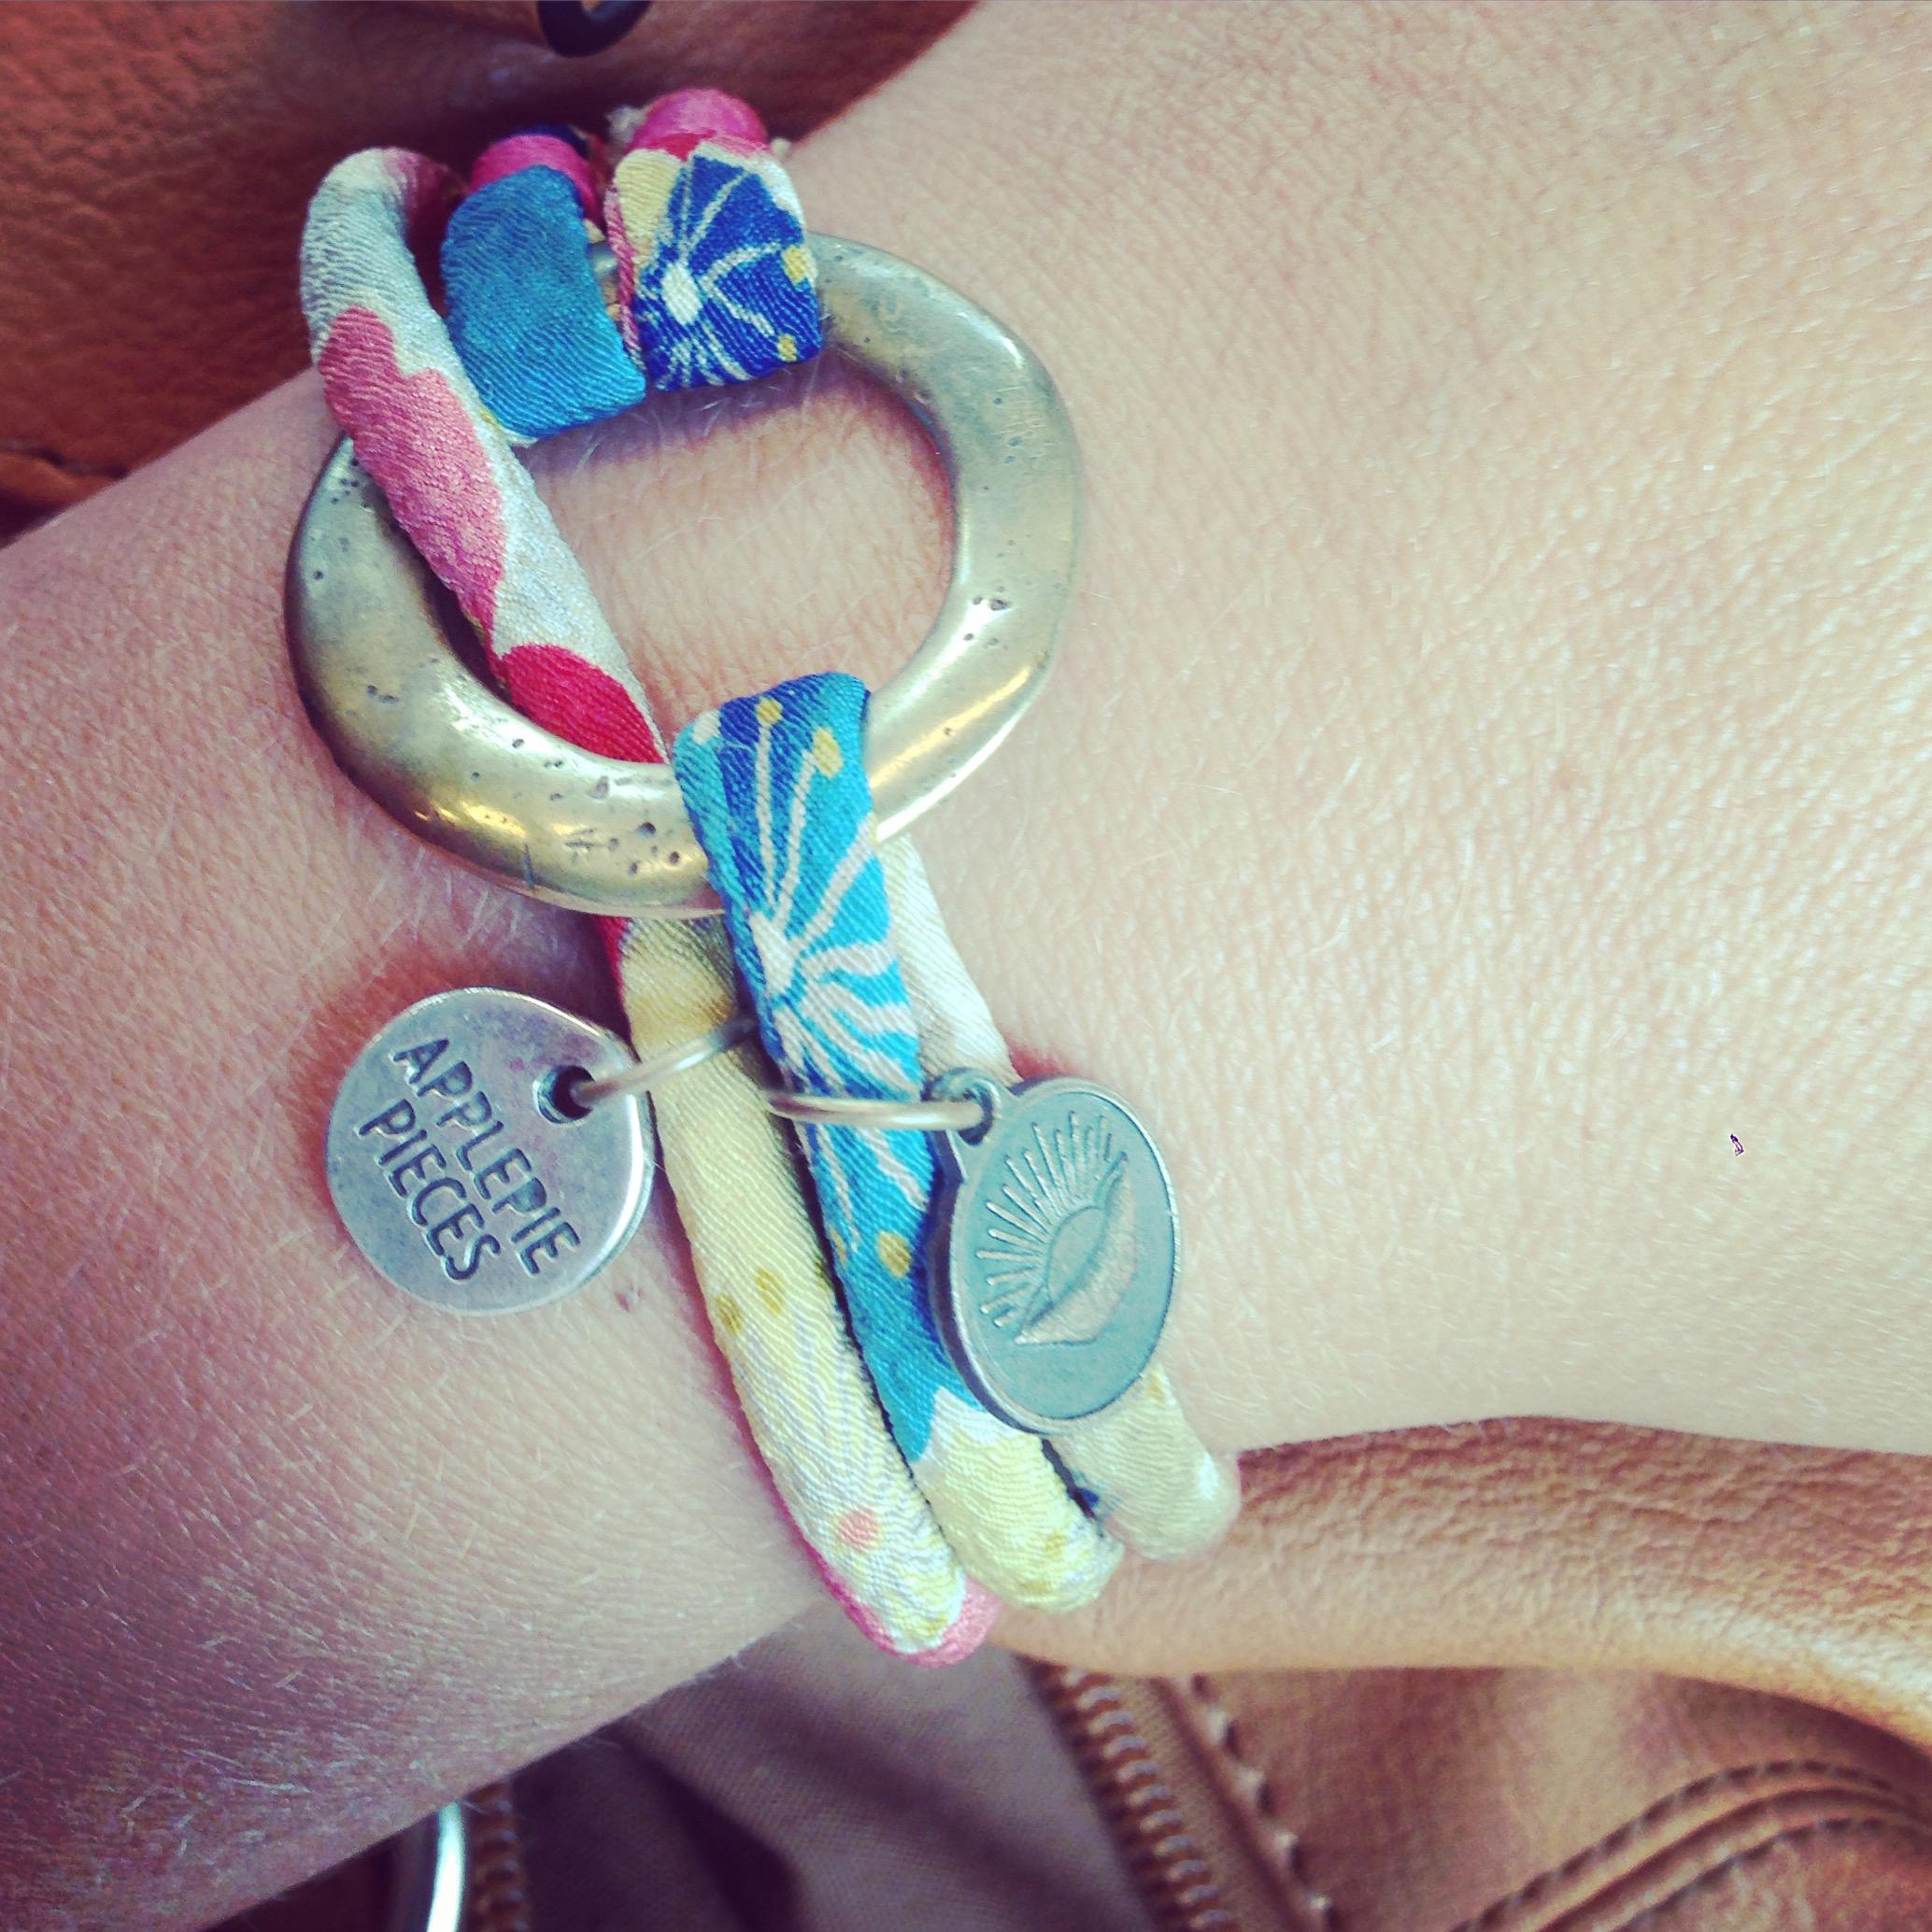 Ik draag mijn armbandje nog vaak en soms kies ik er bewust voor, gewoon om eventjes extra aan mijn vriendinnetjes te denken.